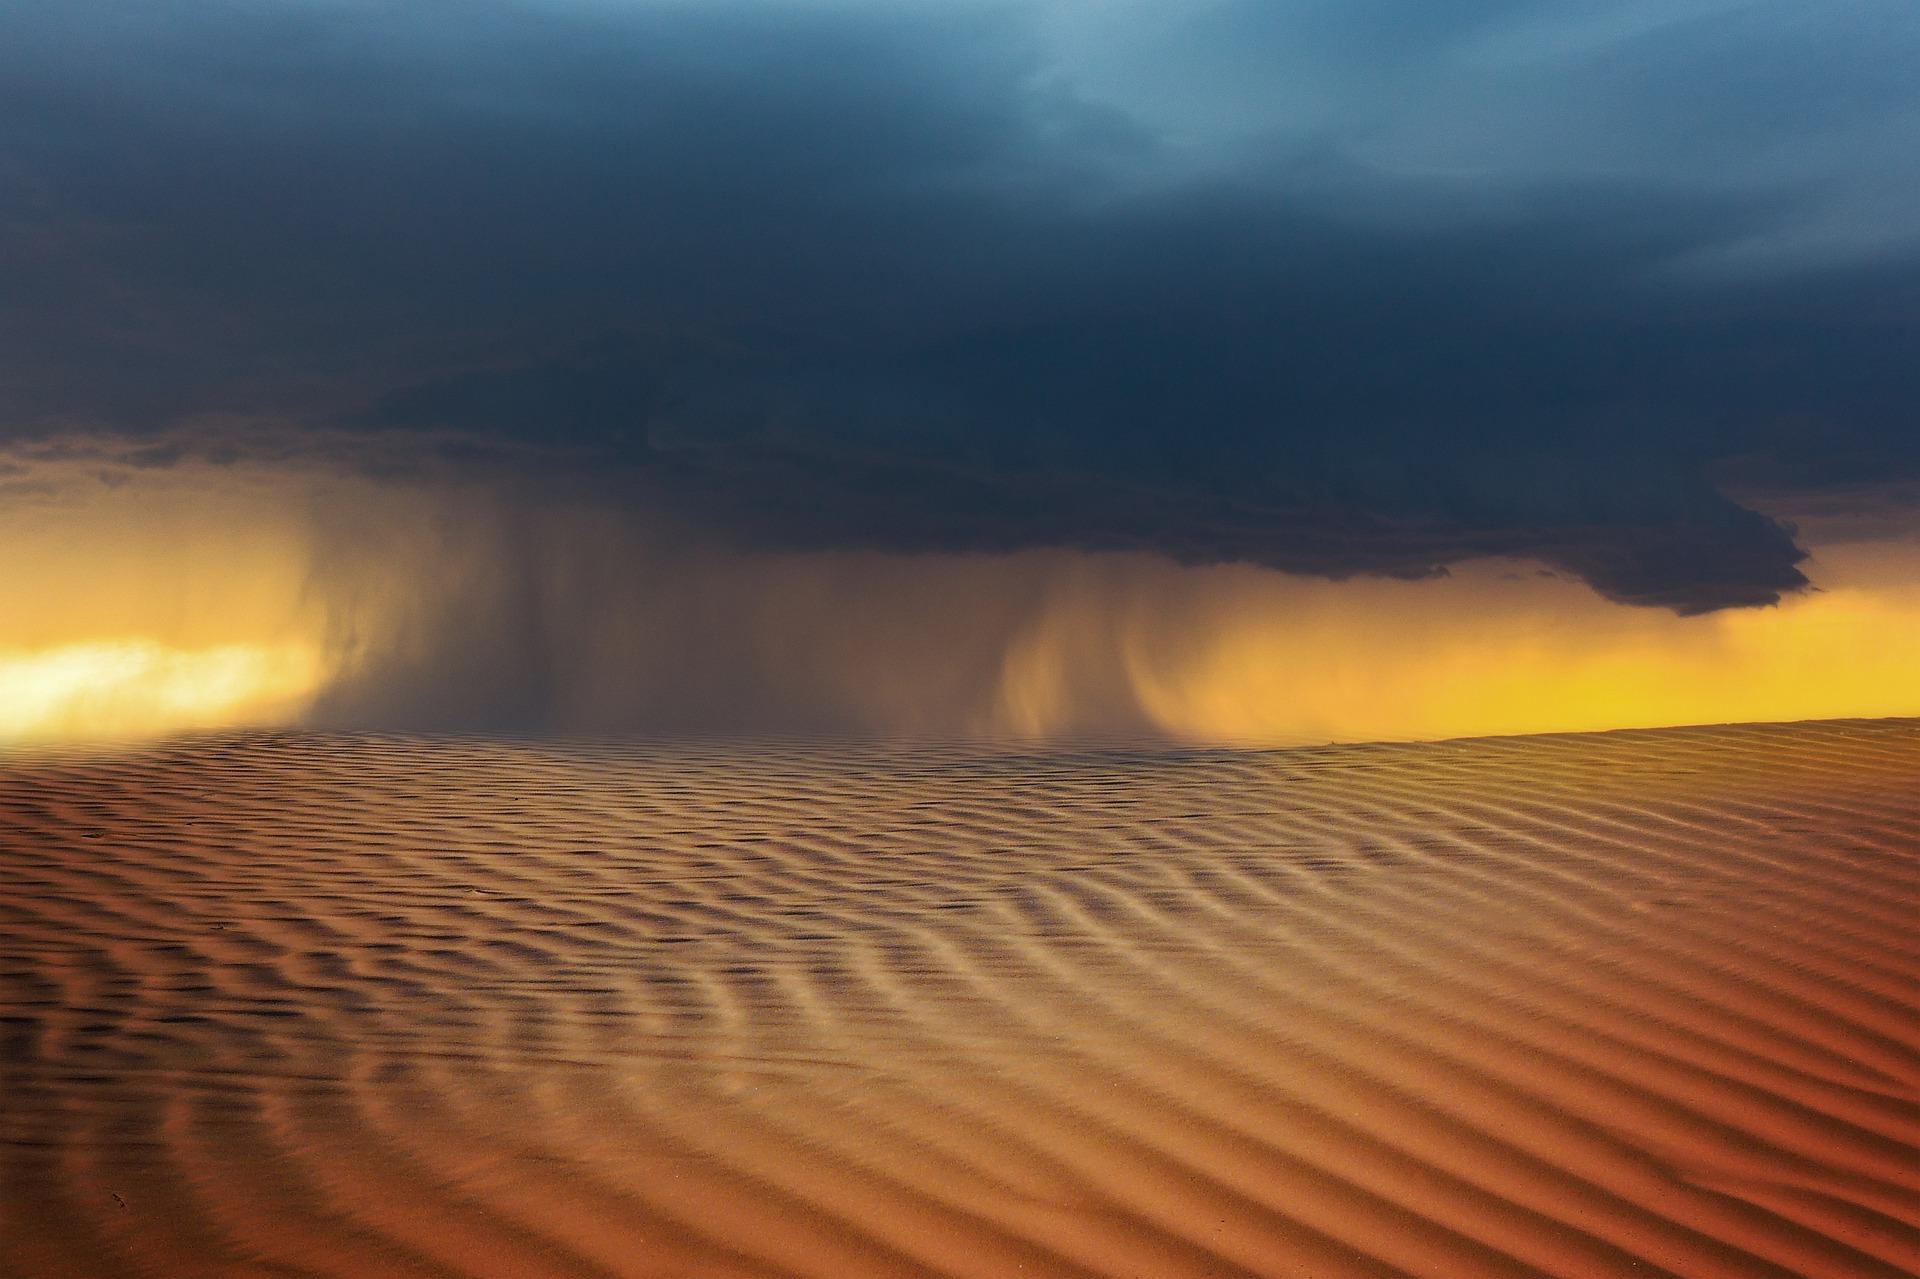 desertpixabayenriquelopezgarre.jpg